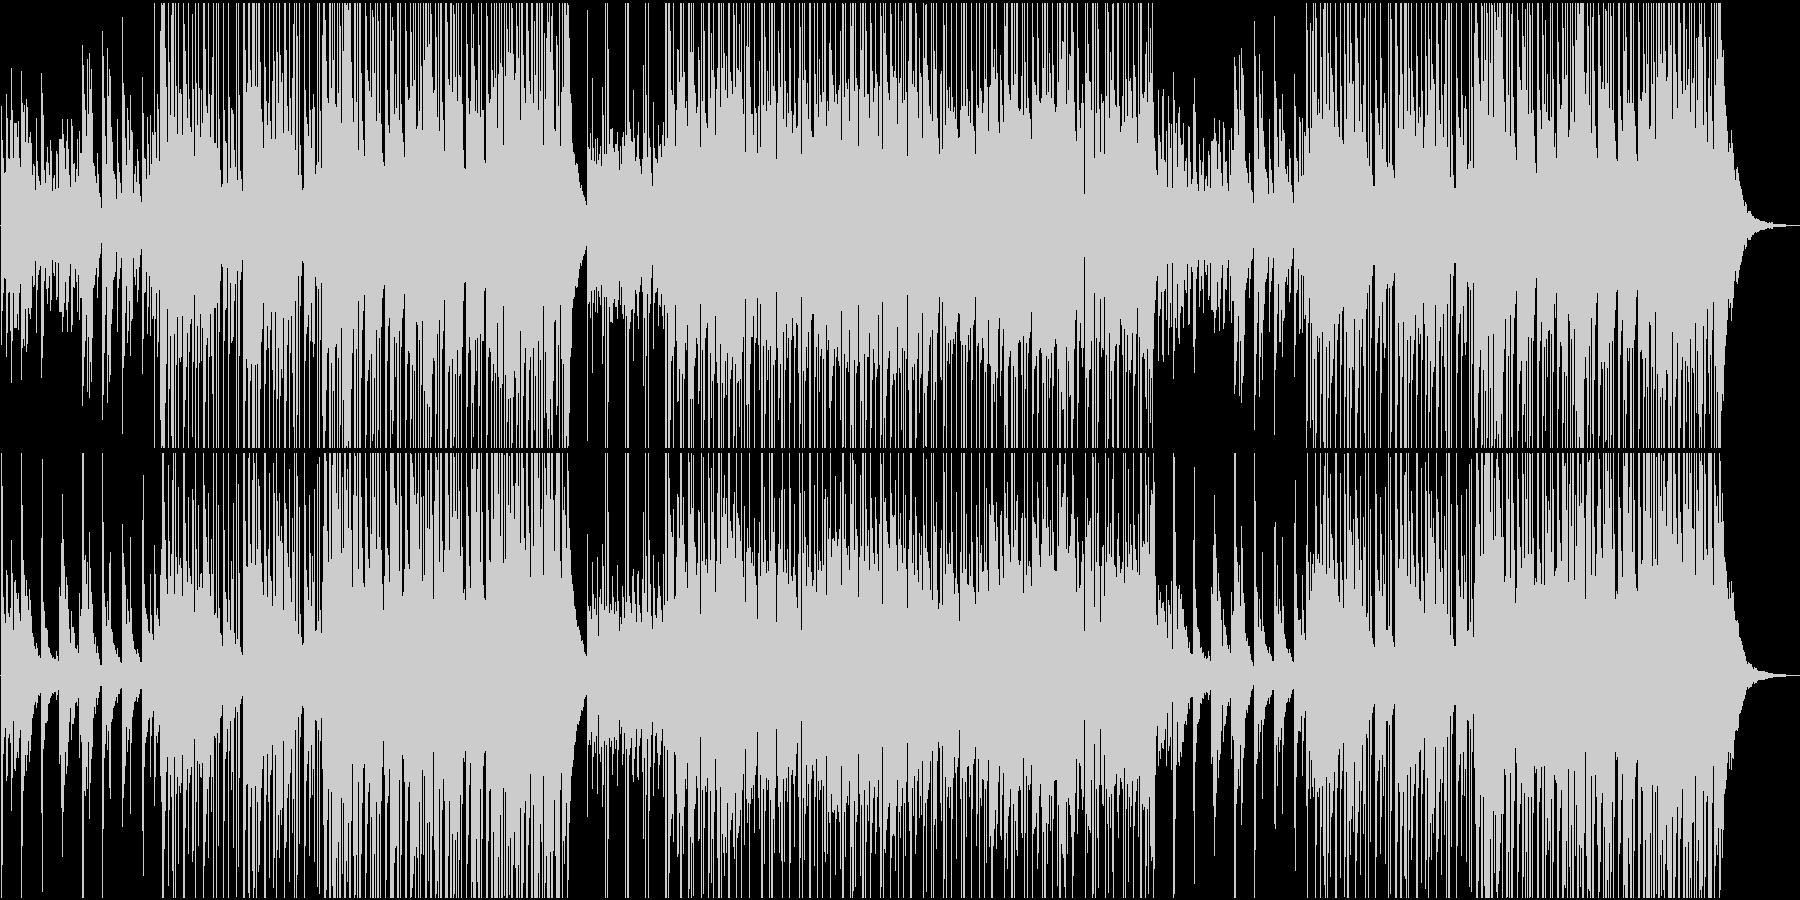 ピアノとギターのアドリブが楽しい楽曲の未再生の波形